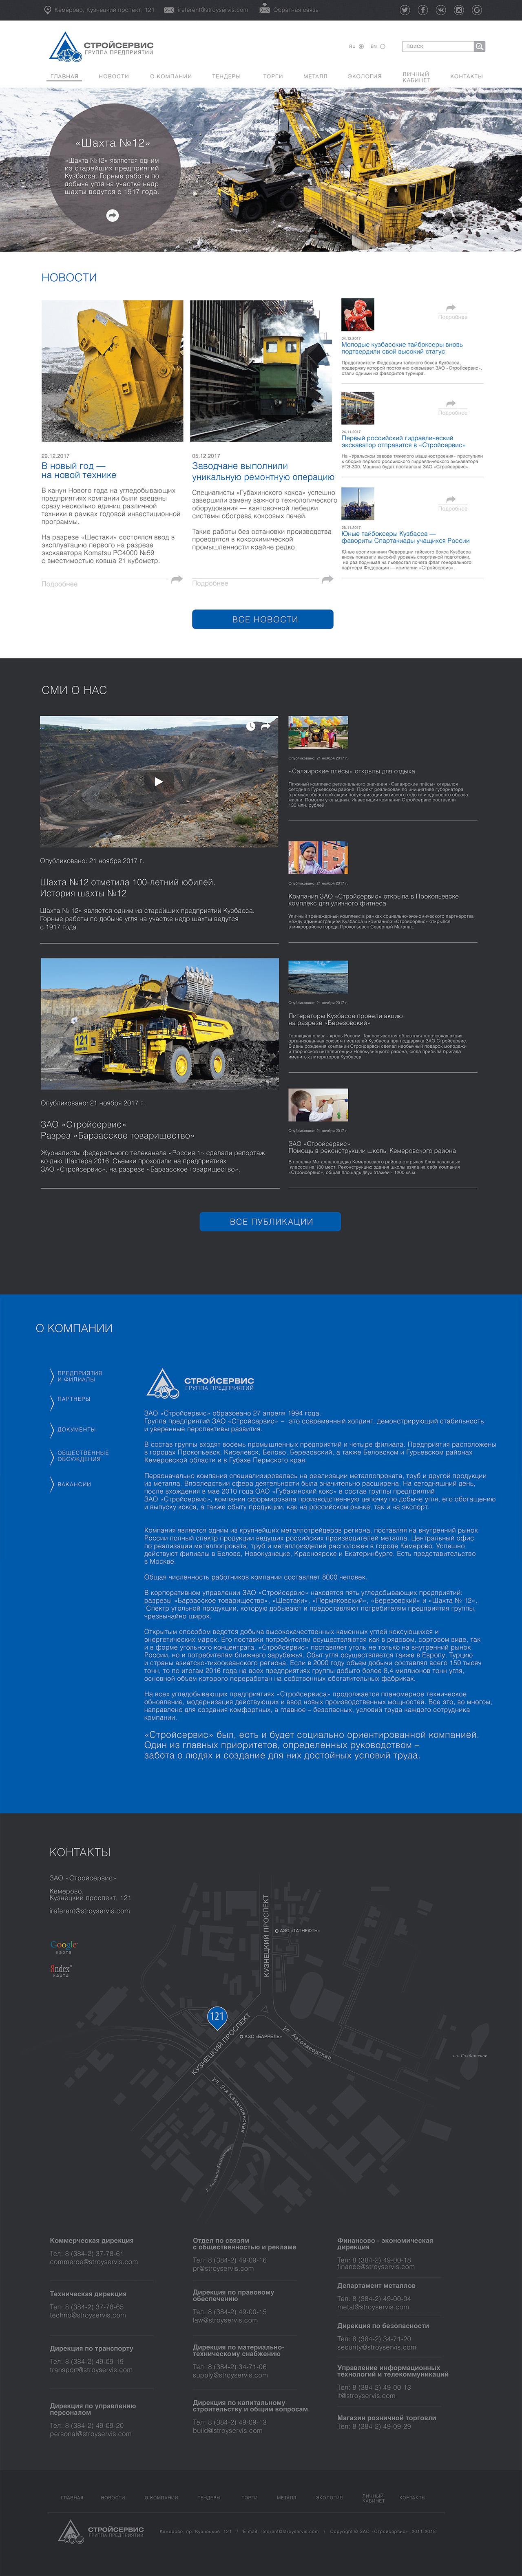 Разработка дизайна сайта угледобывающей компании фото f_3555a84136c3598c.jpg